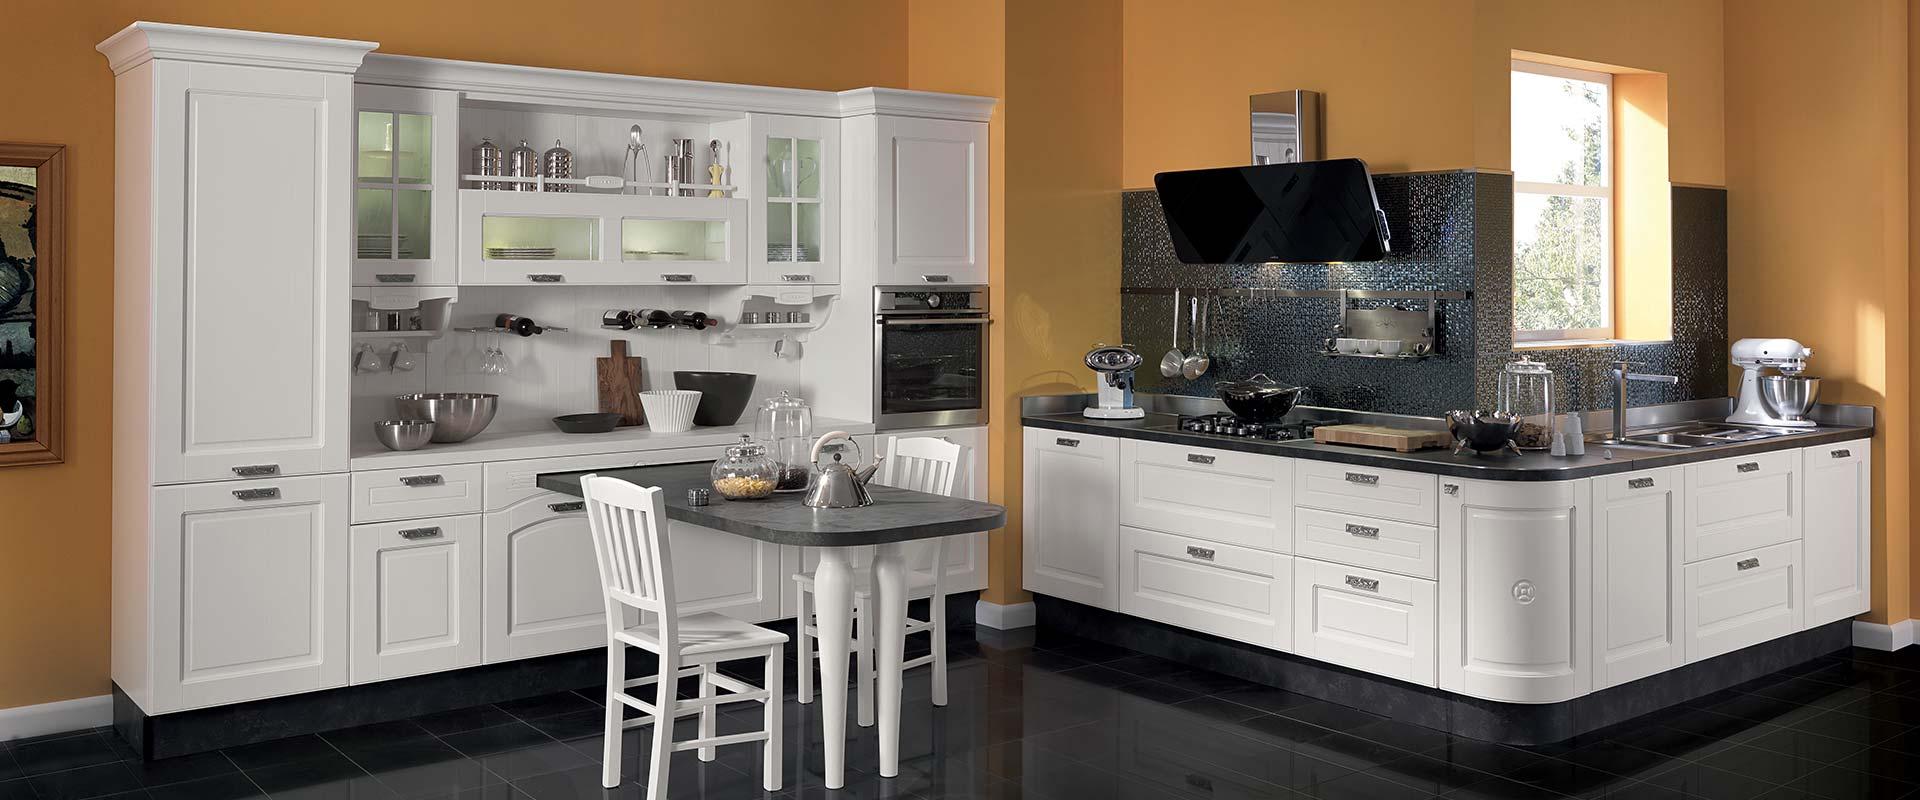 Cucine Componibili Trieste.Cucina Imperial Trieste Aran Cucine